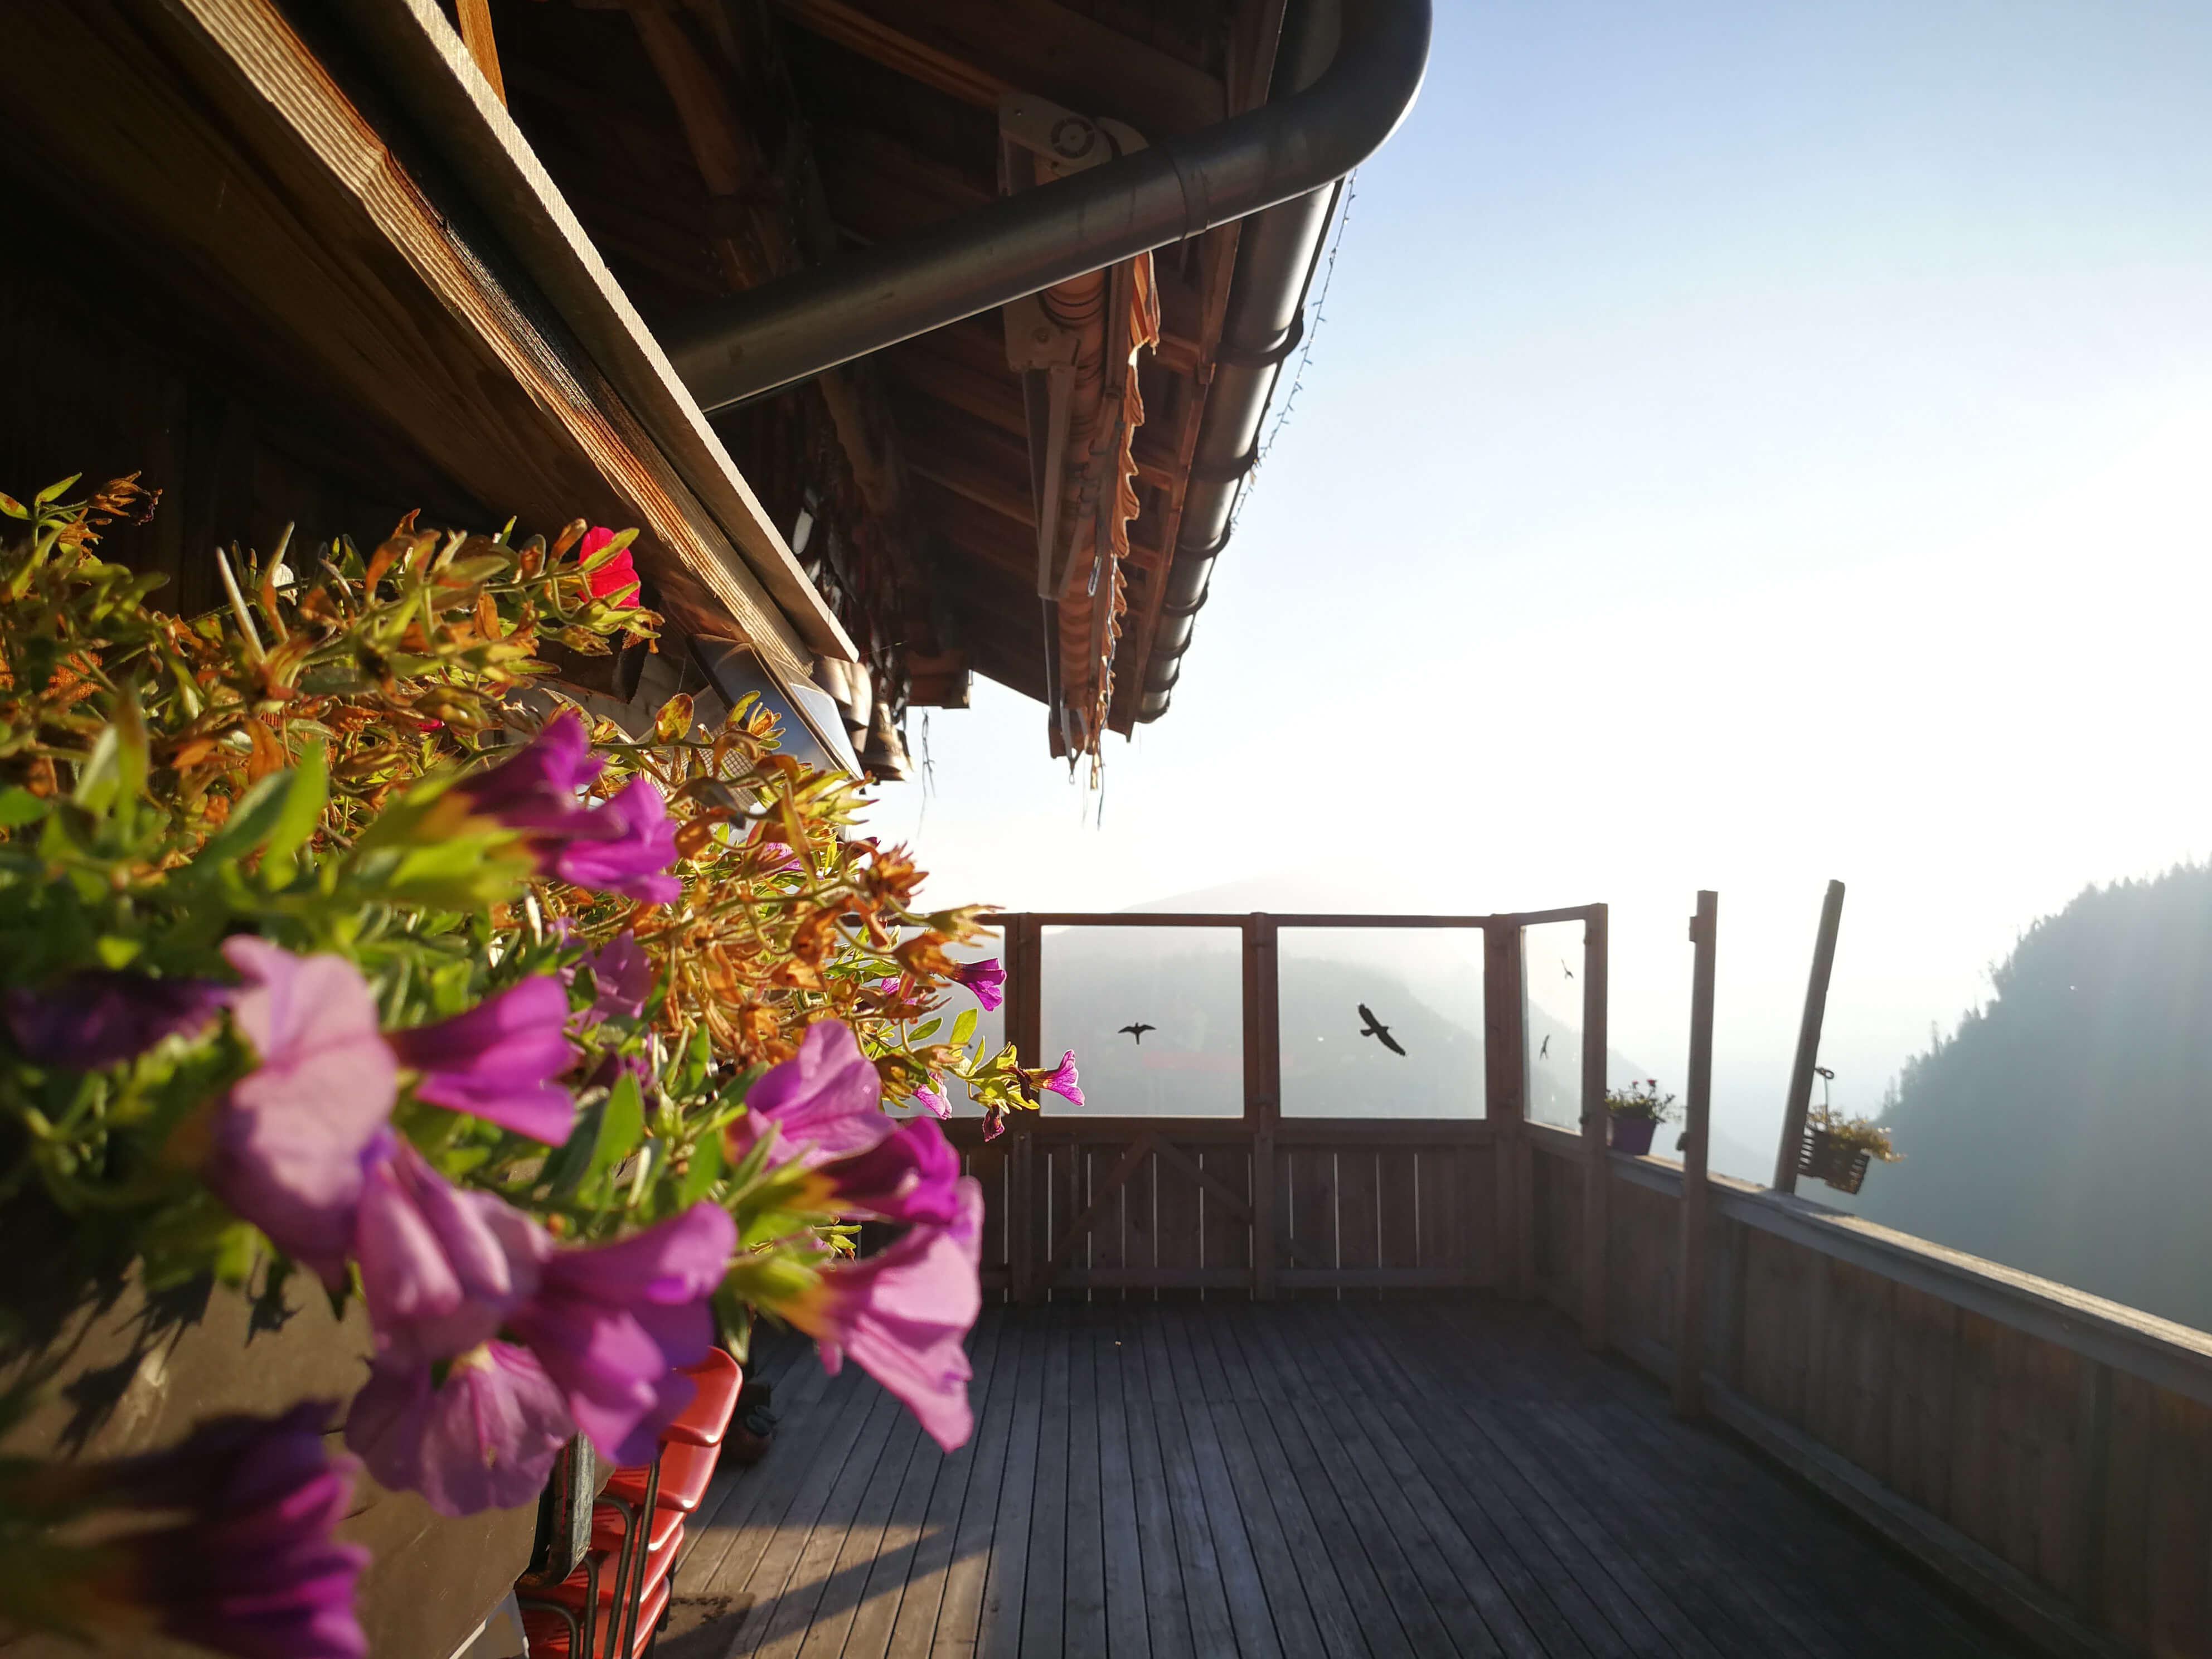 Sennhütte Menigwald Terrasse Blumen Balkon